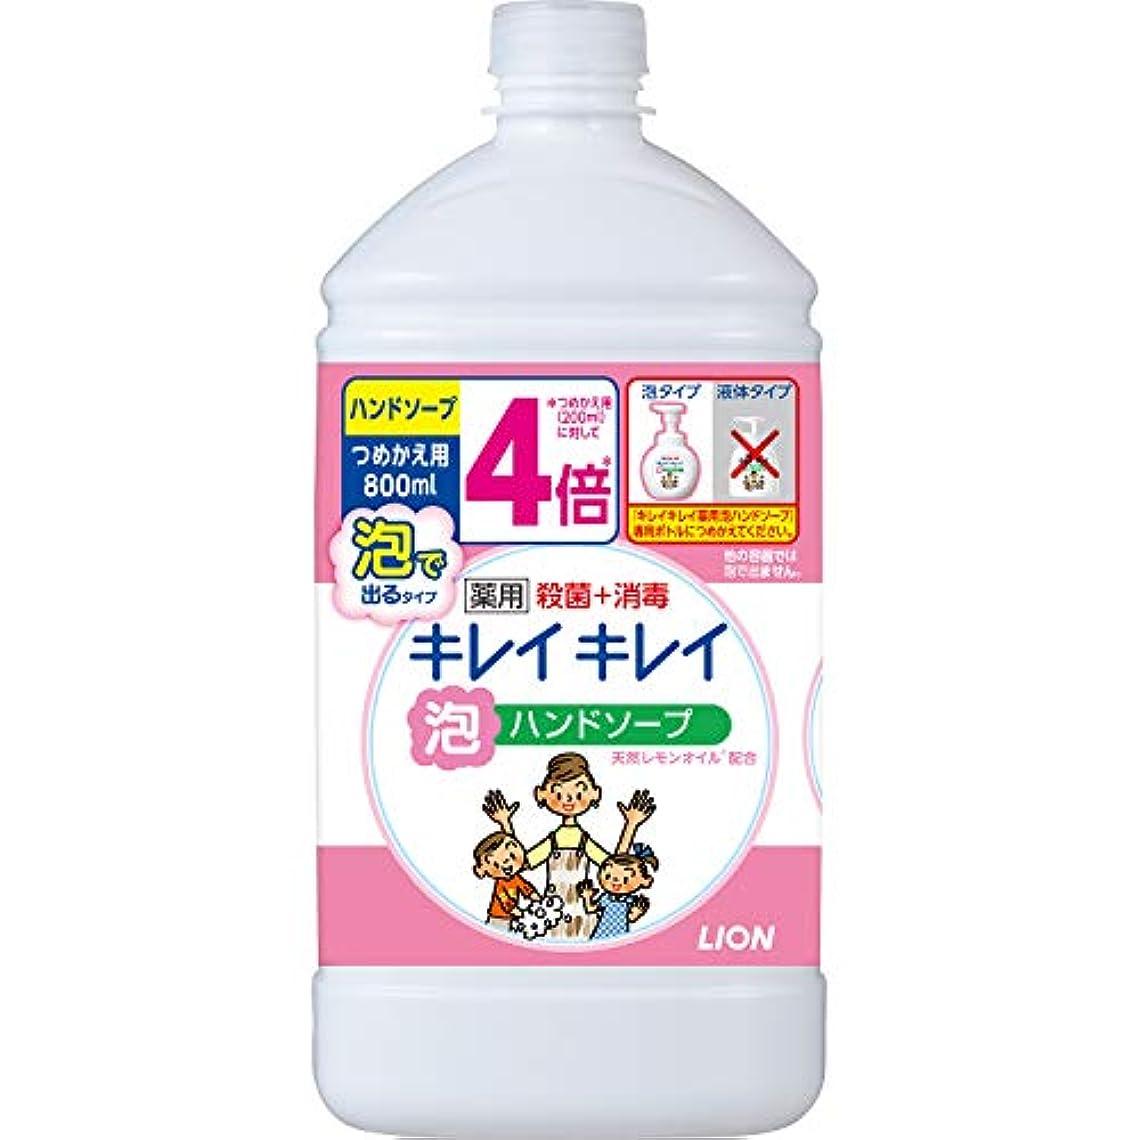 メンバー宣言面(医薬部外品)【大容量】キレイキレイ 薬用 泡ハンドソープ シトラスフルーティの香り 詰替特大 800ml